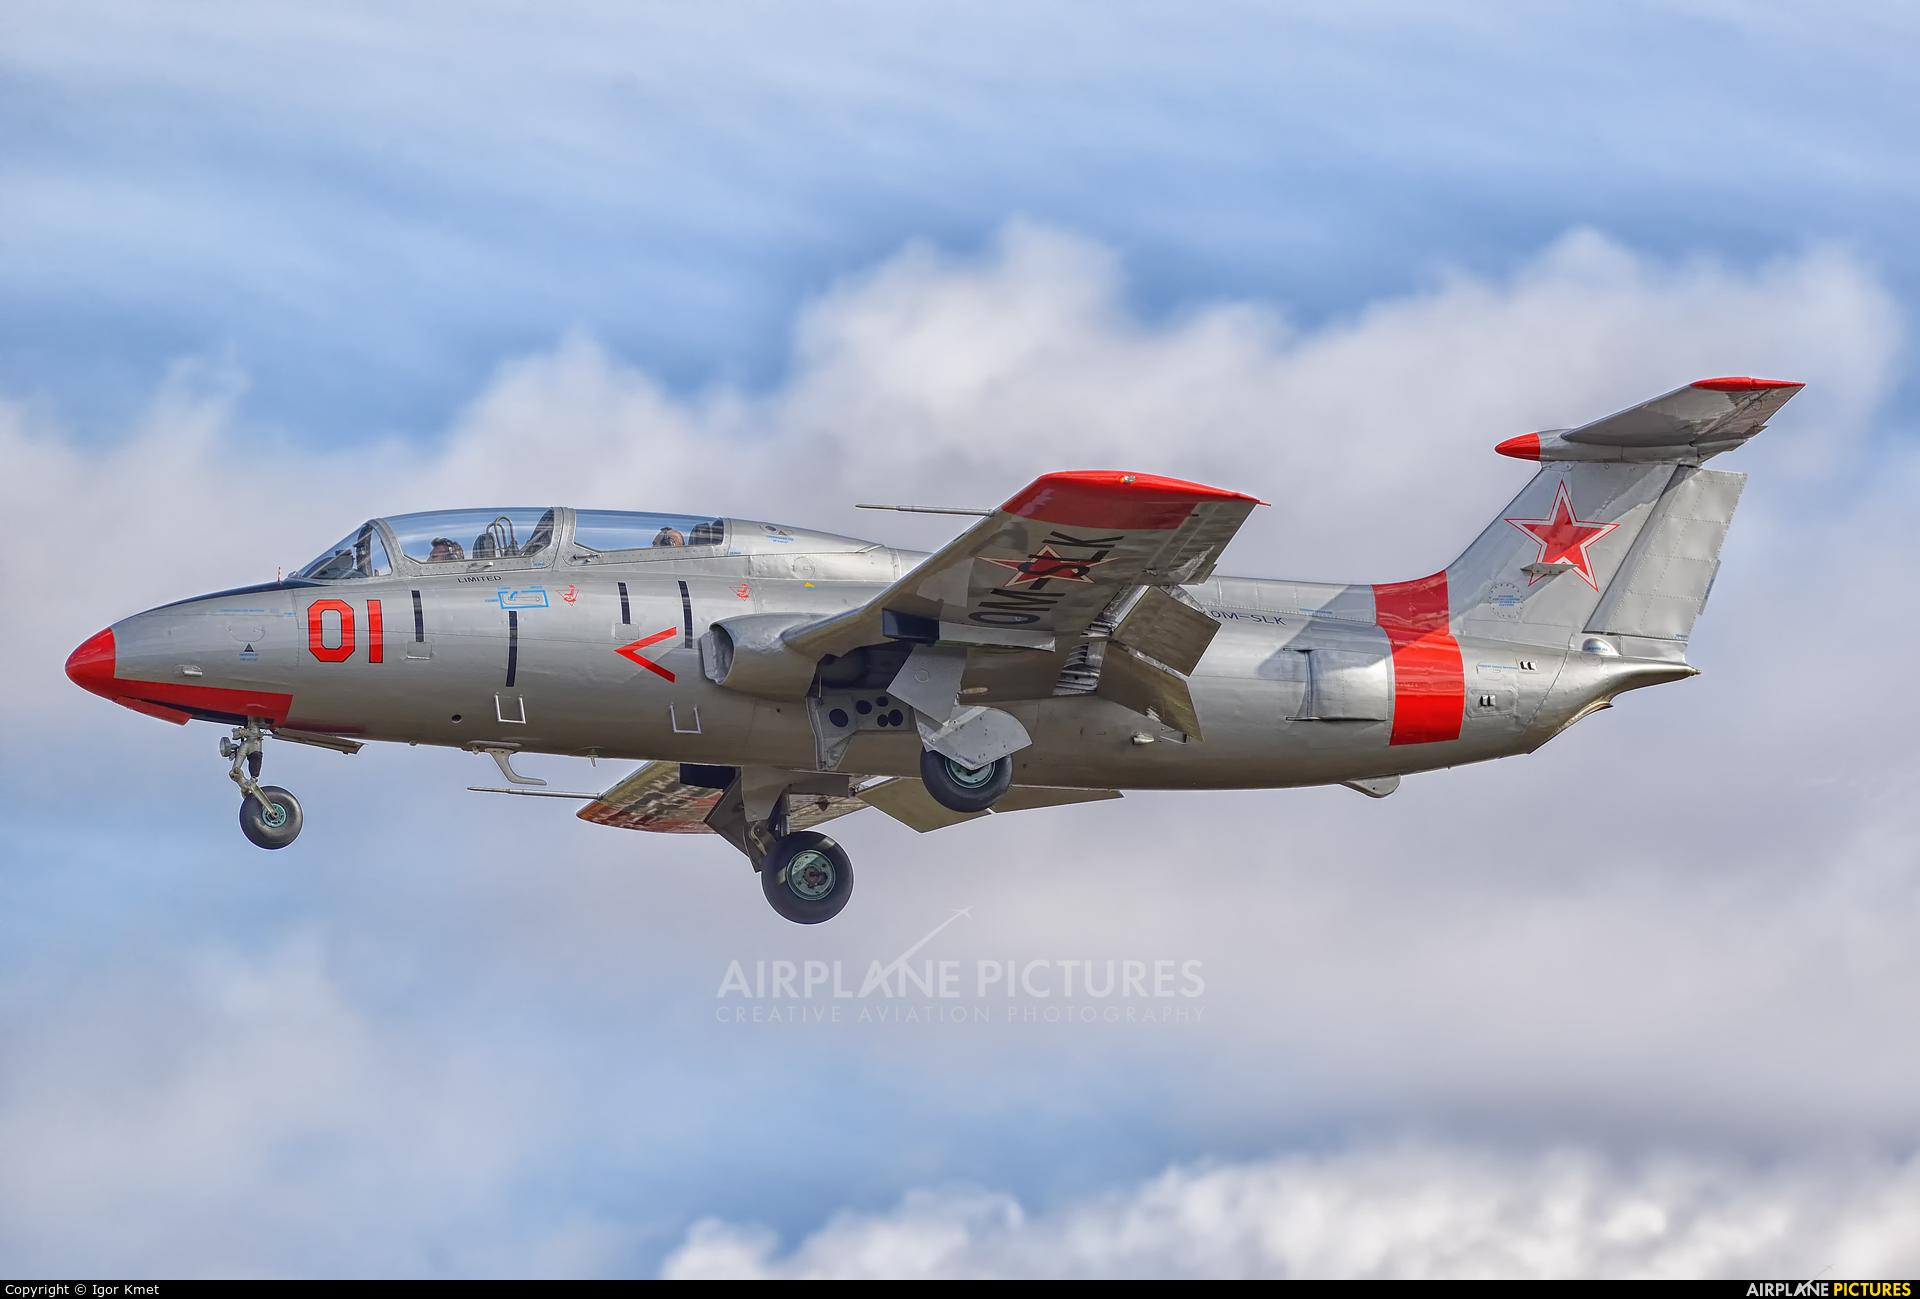 Private OM-SLK aircraft at Sliač